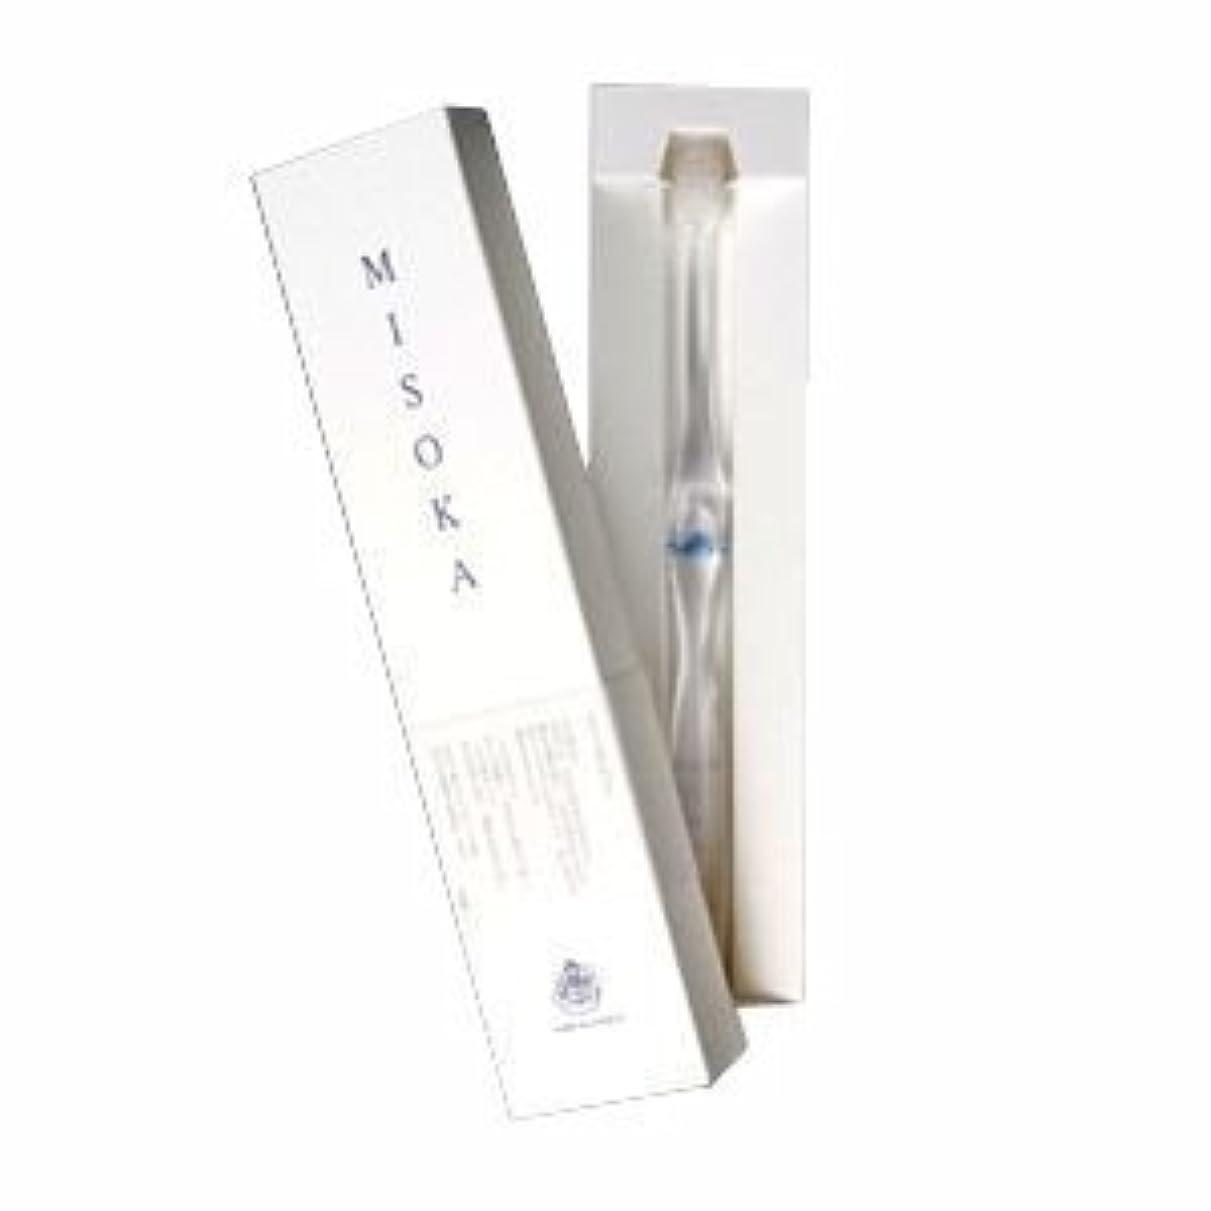 ネックレット提供されたブラウズmisoka  ミソカ歯ブラシ (藍色) 水でツルツルになるナノテク歯ブラシ